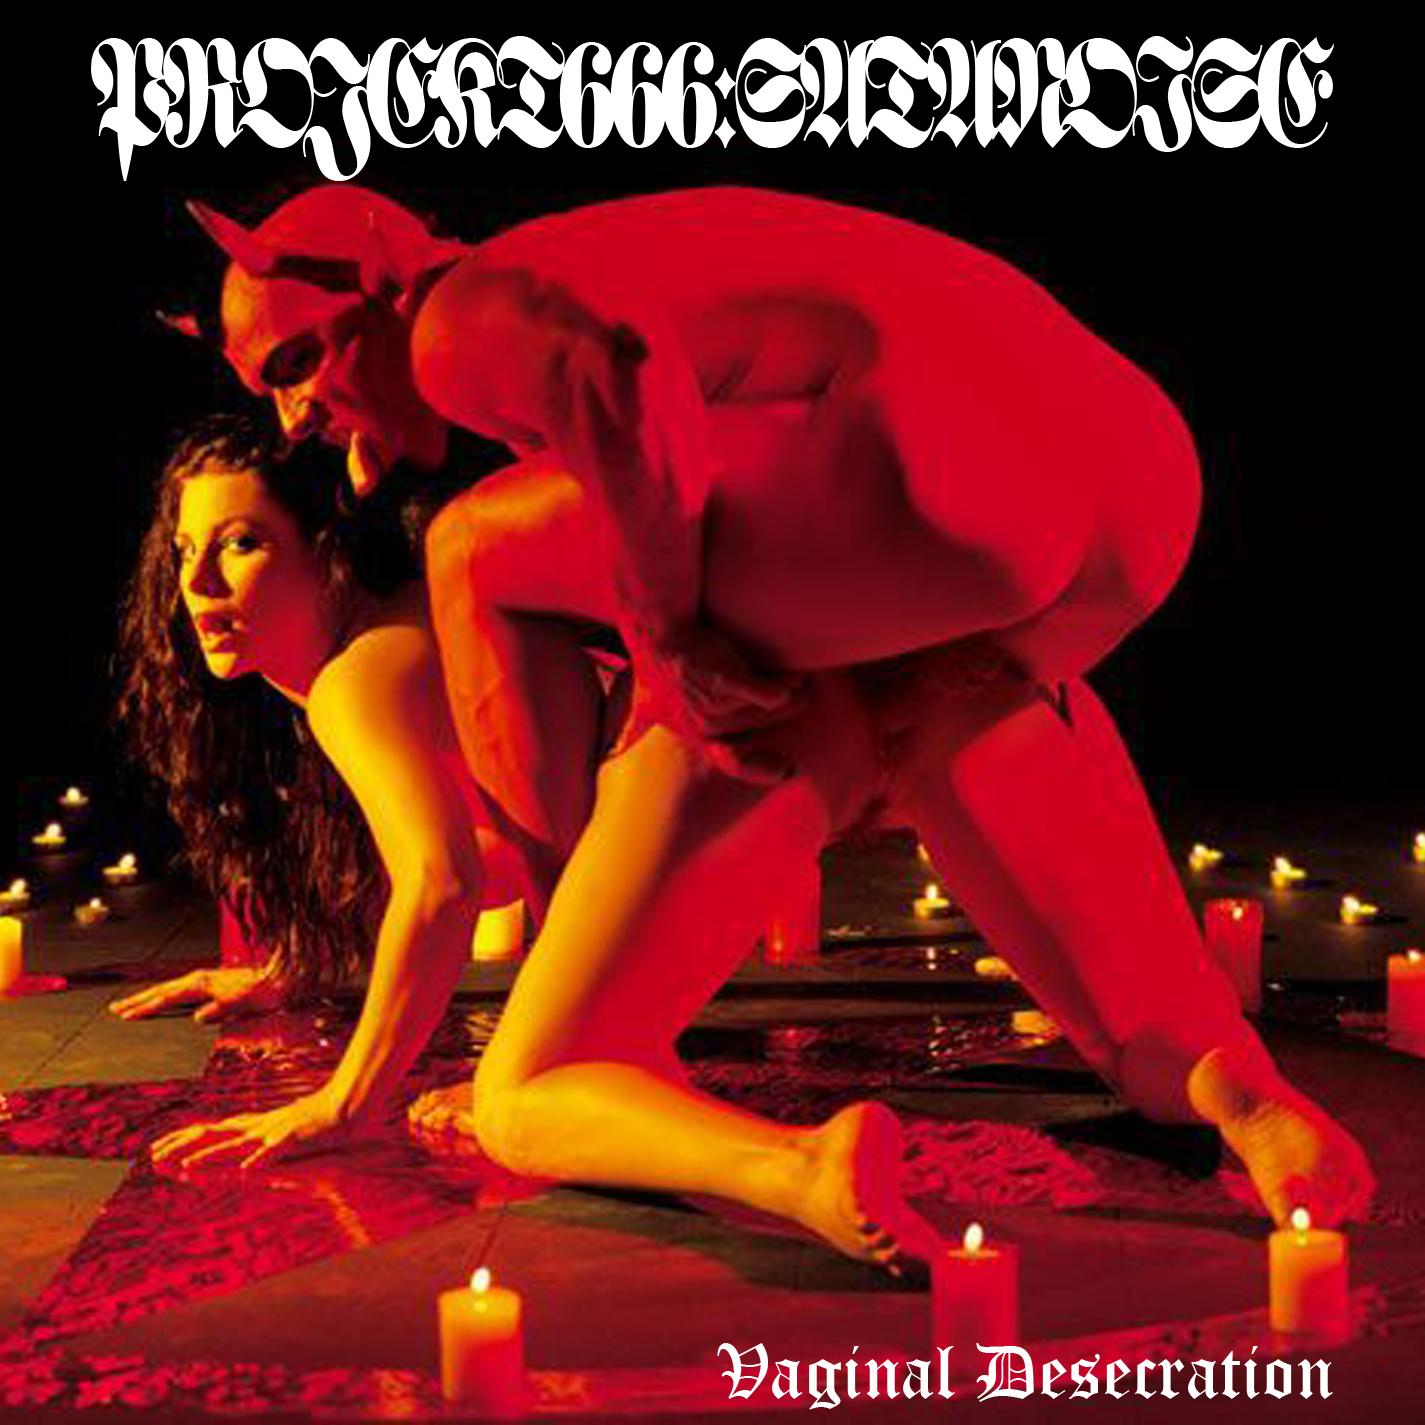 Ритуальный порно секс 16 фотография